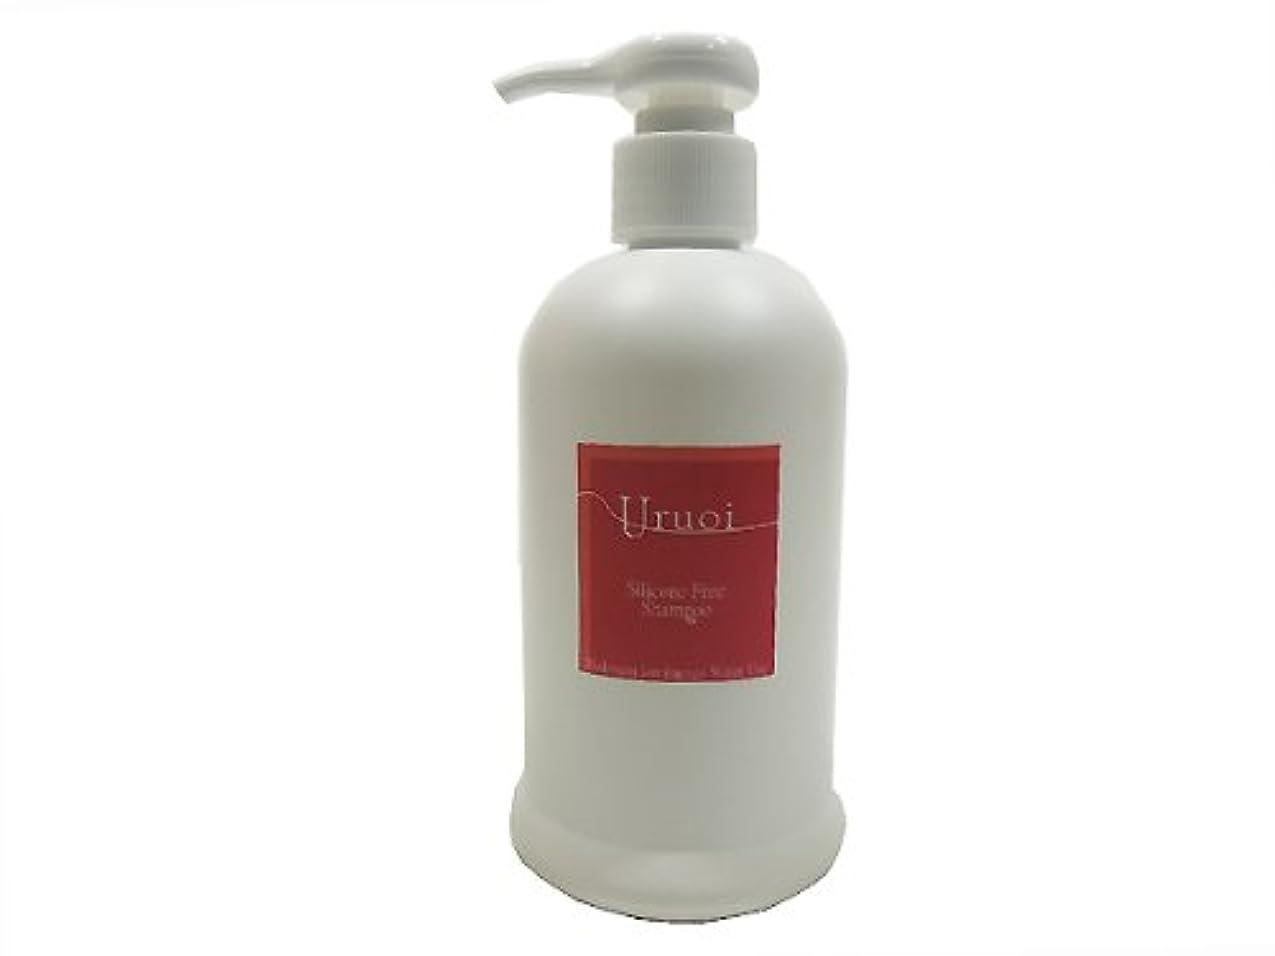 怖がって死ぬ塩辛い展示会水素イオン発生エネルギー水 うるおいシャンプー ノンシリコン Silicone Free Uruoi Shampoo